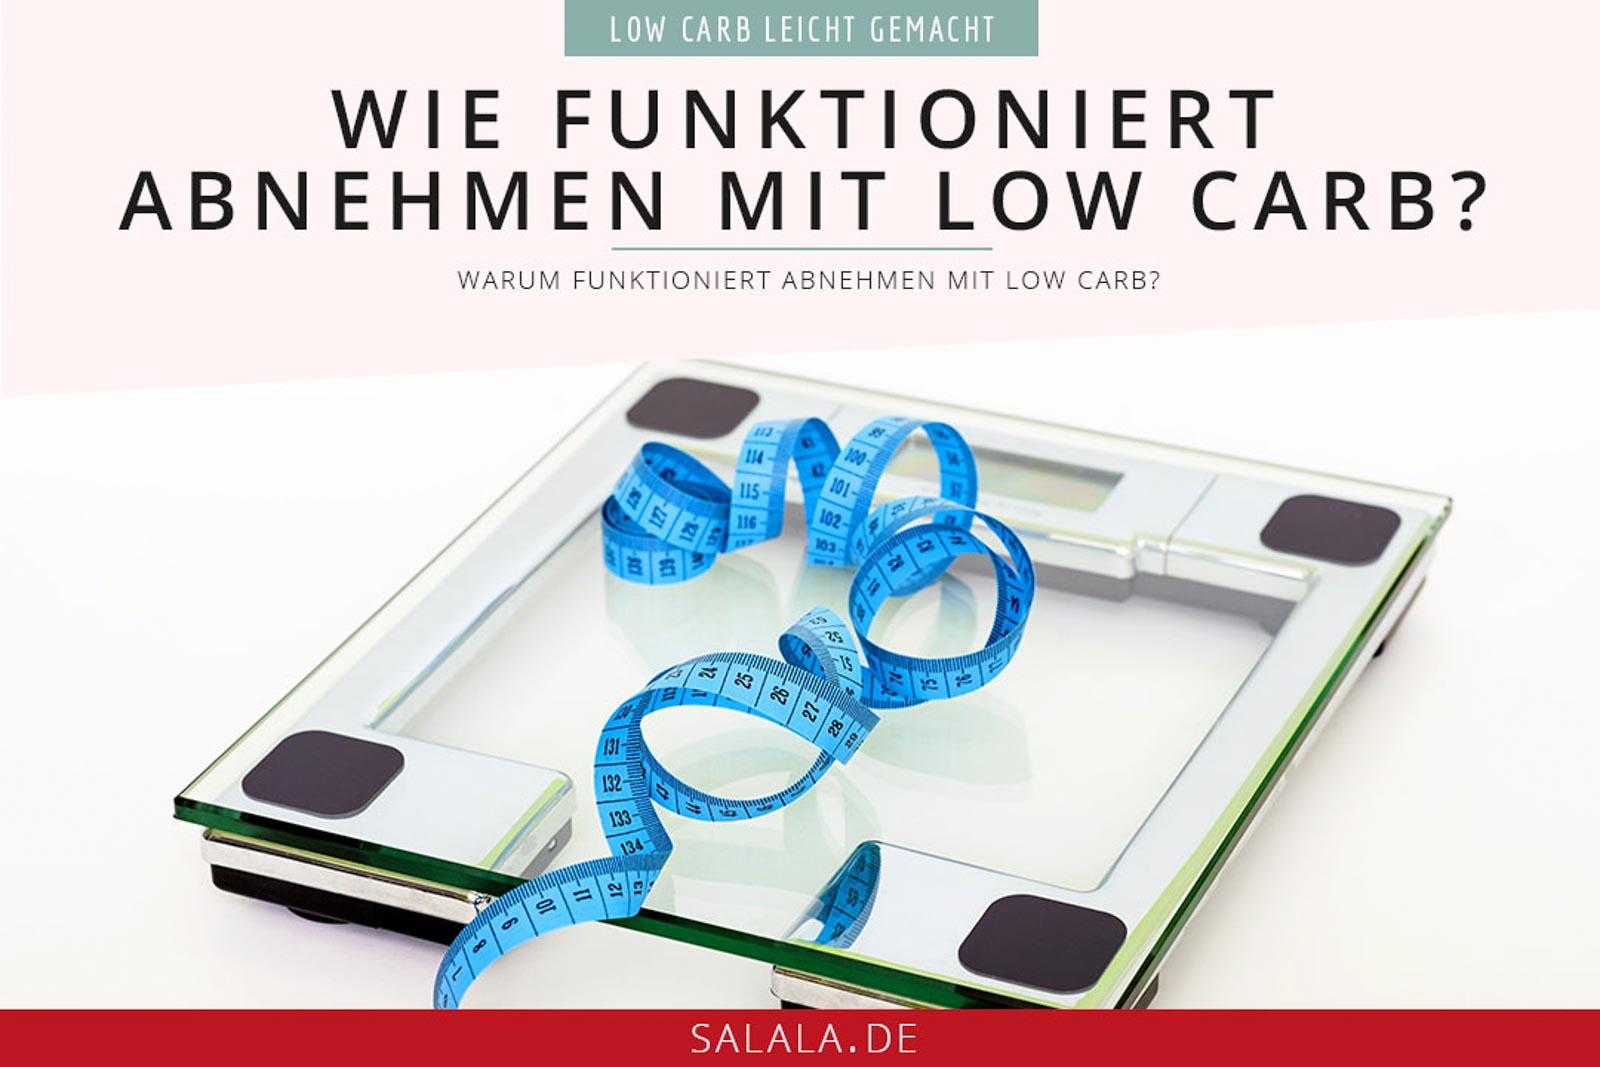 Wie funktioniert Abnehmen mit Low Carb und warum #lowcarb #abnehmenmitlowcarb #abnehmenmitfett #wiefunktioniertabnehmen #lowcarbwissen